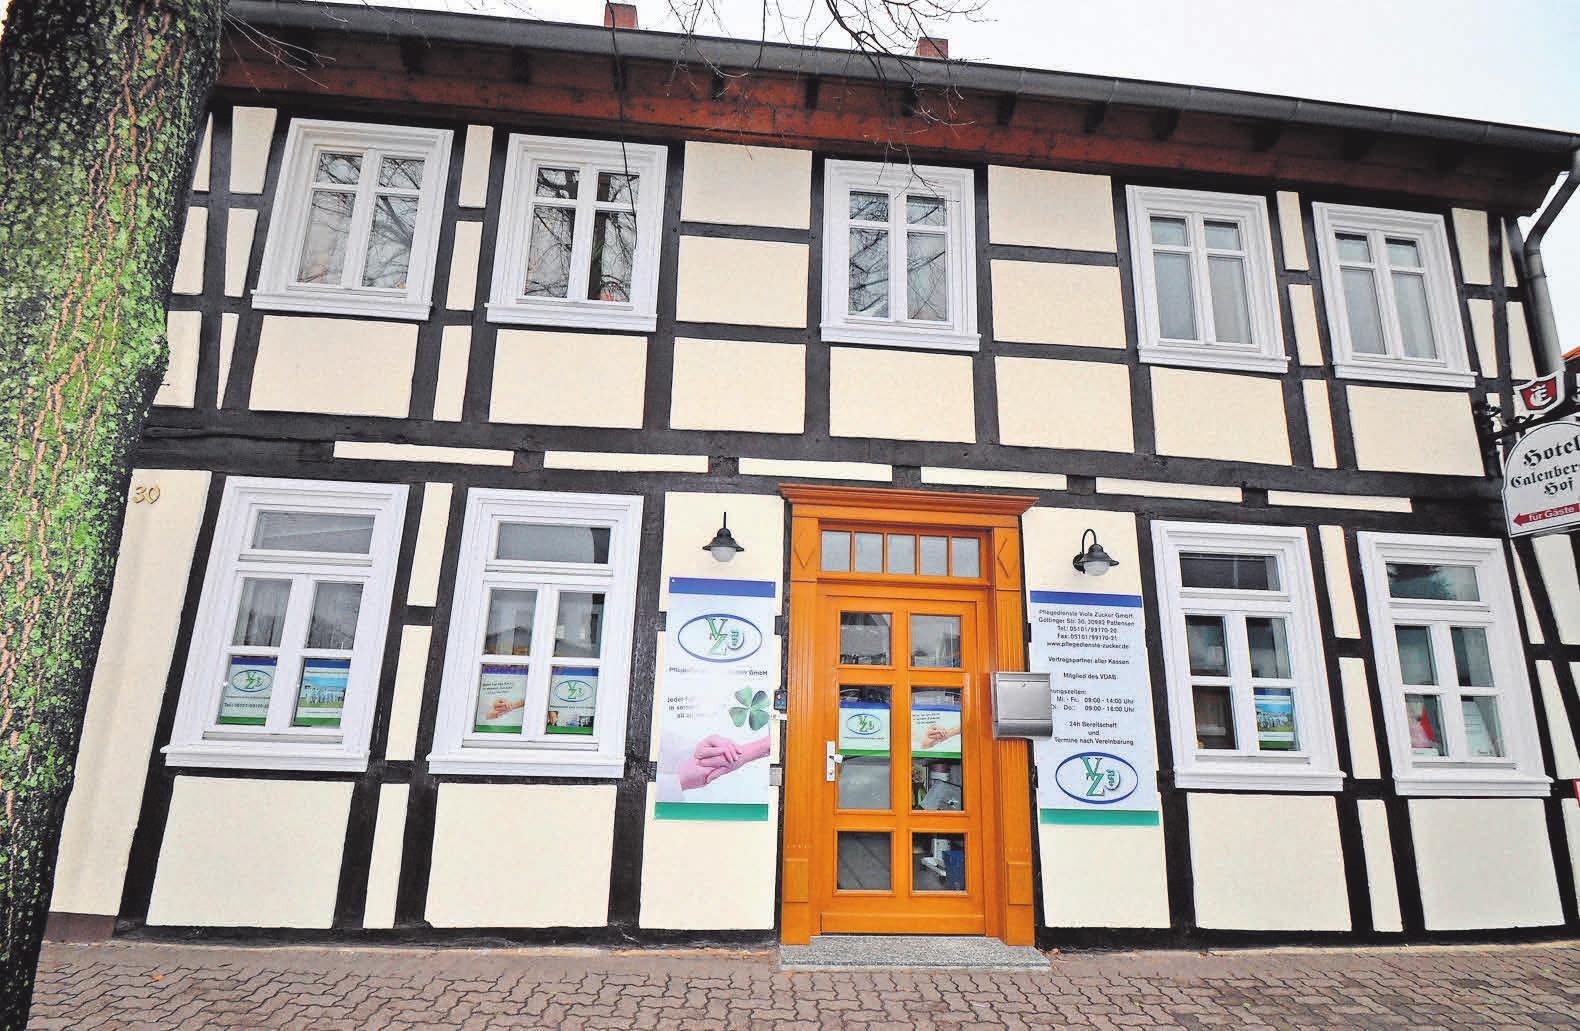 Der Pflegedienst Viola Zucker mit Sitz an der Göttinger Straße 30 in Pattensen ist sehr gut erreichbar. Parkplätze sind direkt vor dem Büro zu finden.